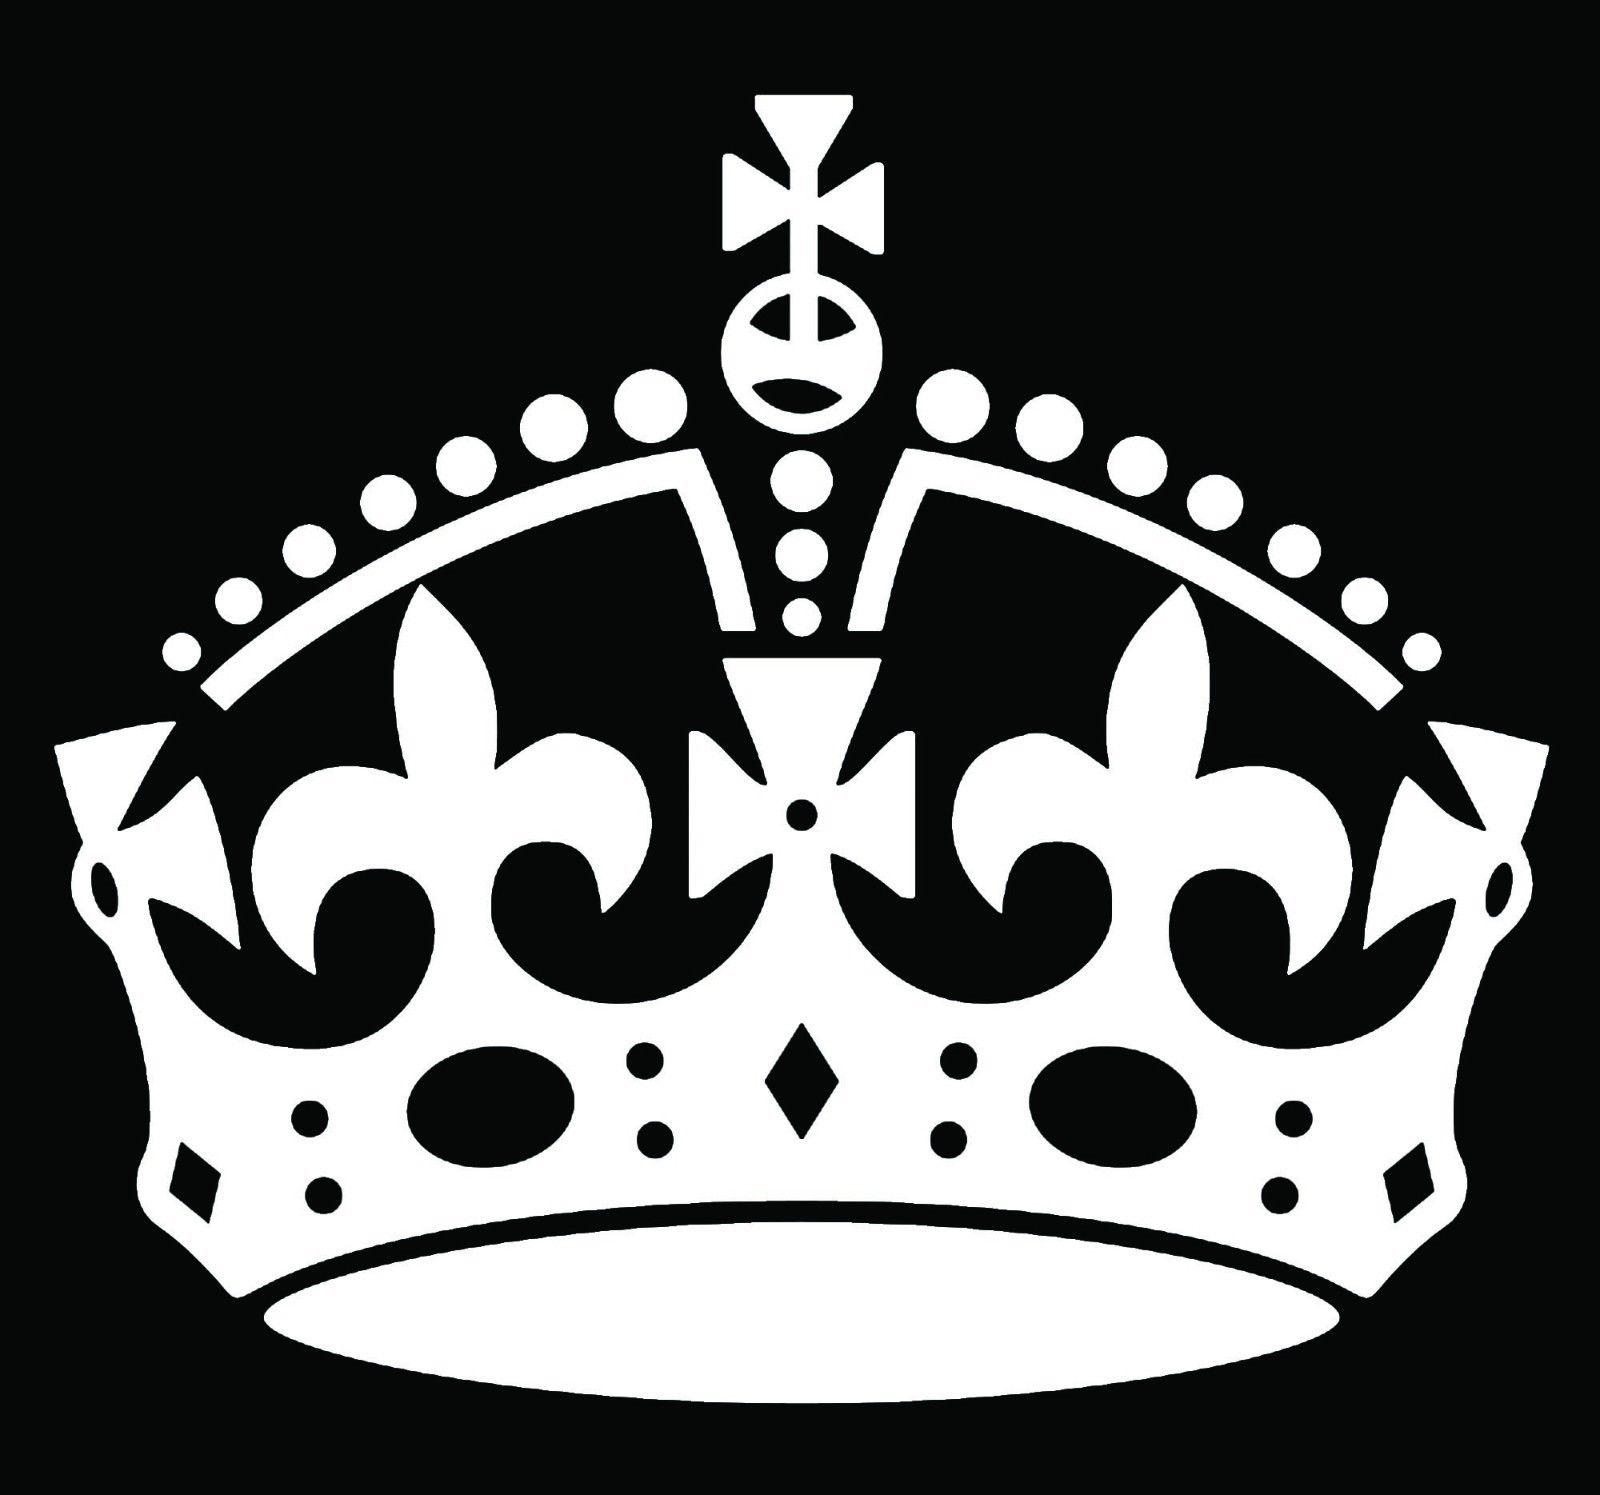 Calm clipart keep calm. Free crown download clip